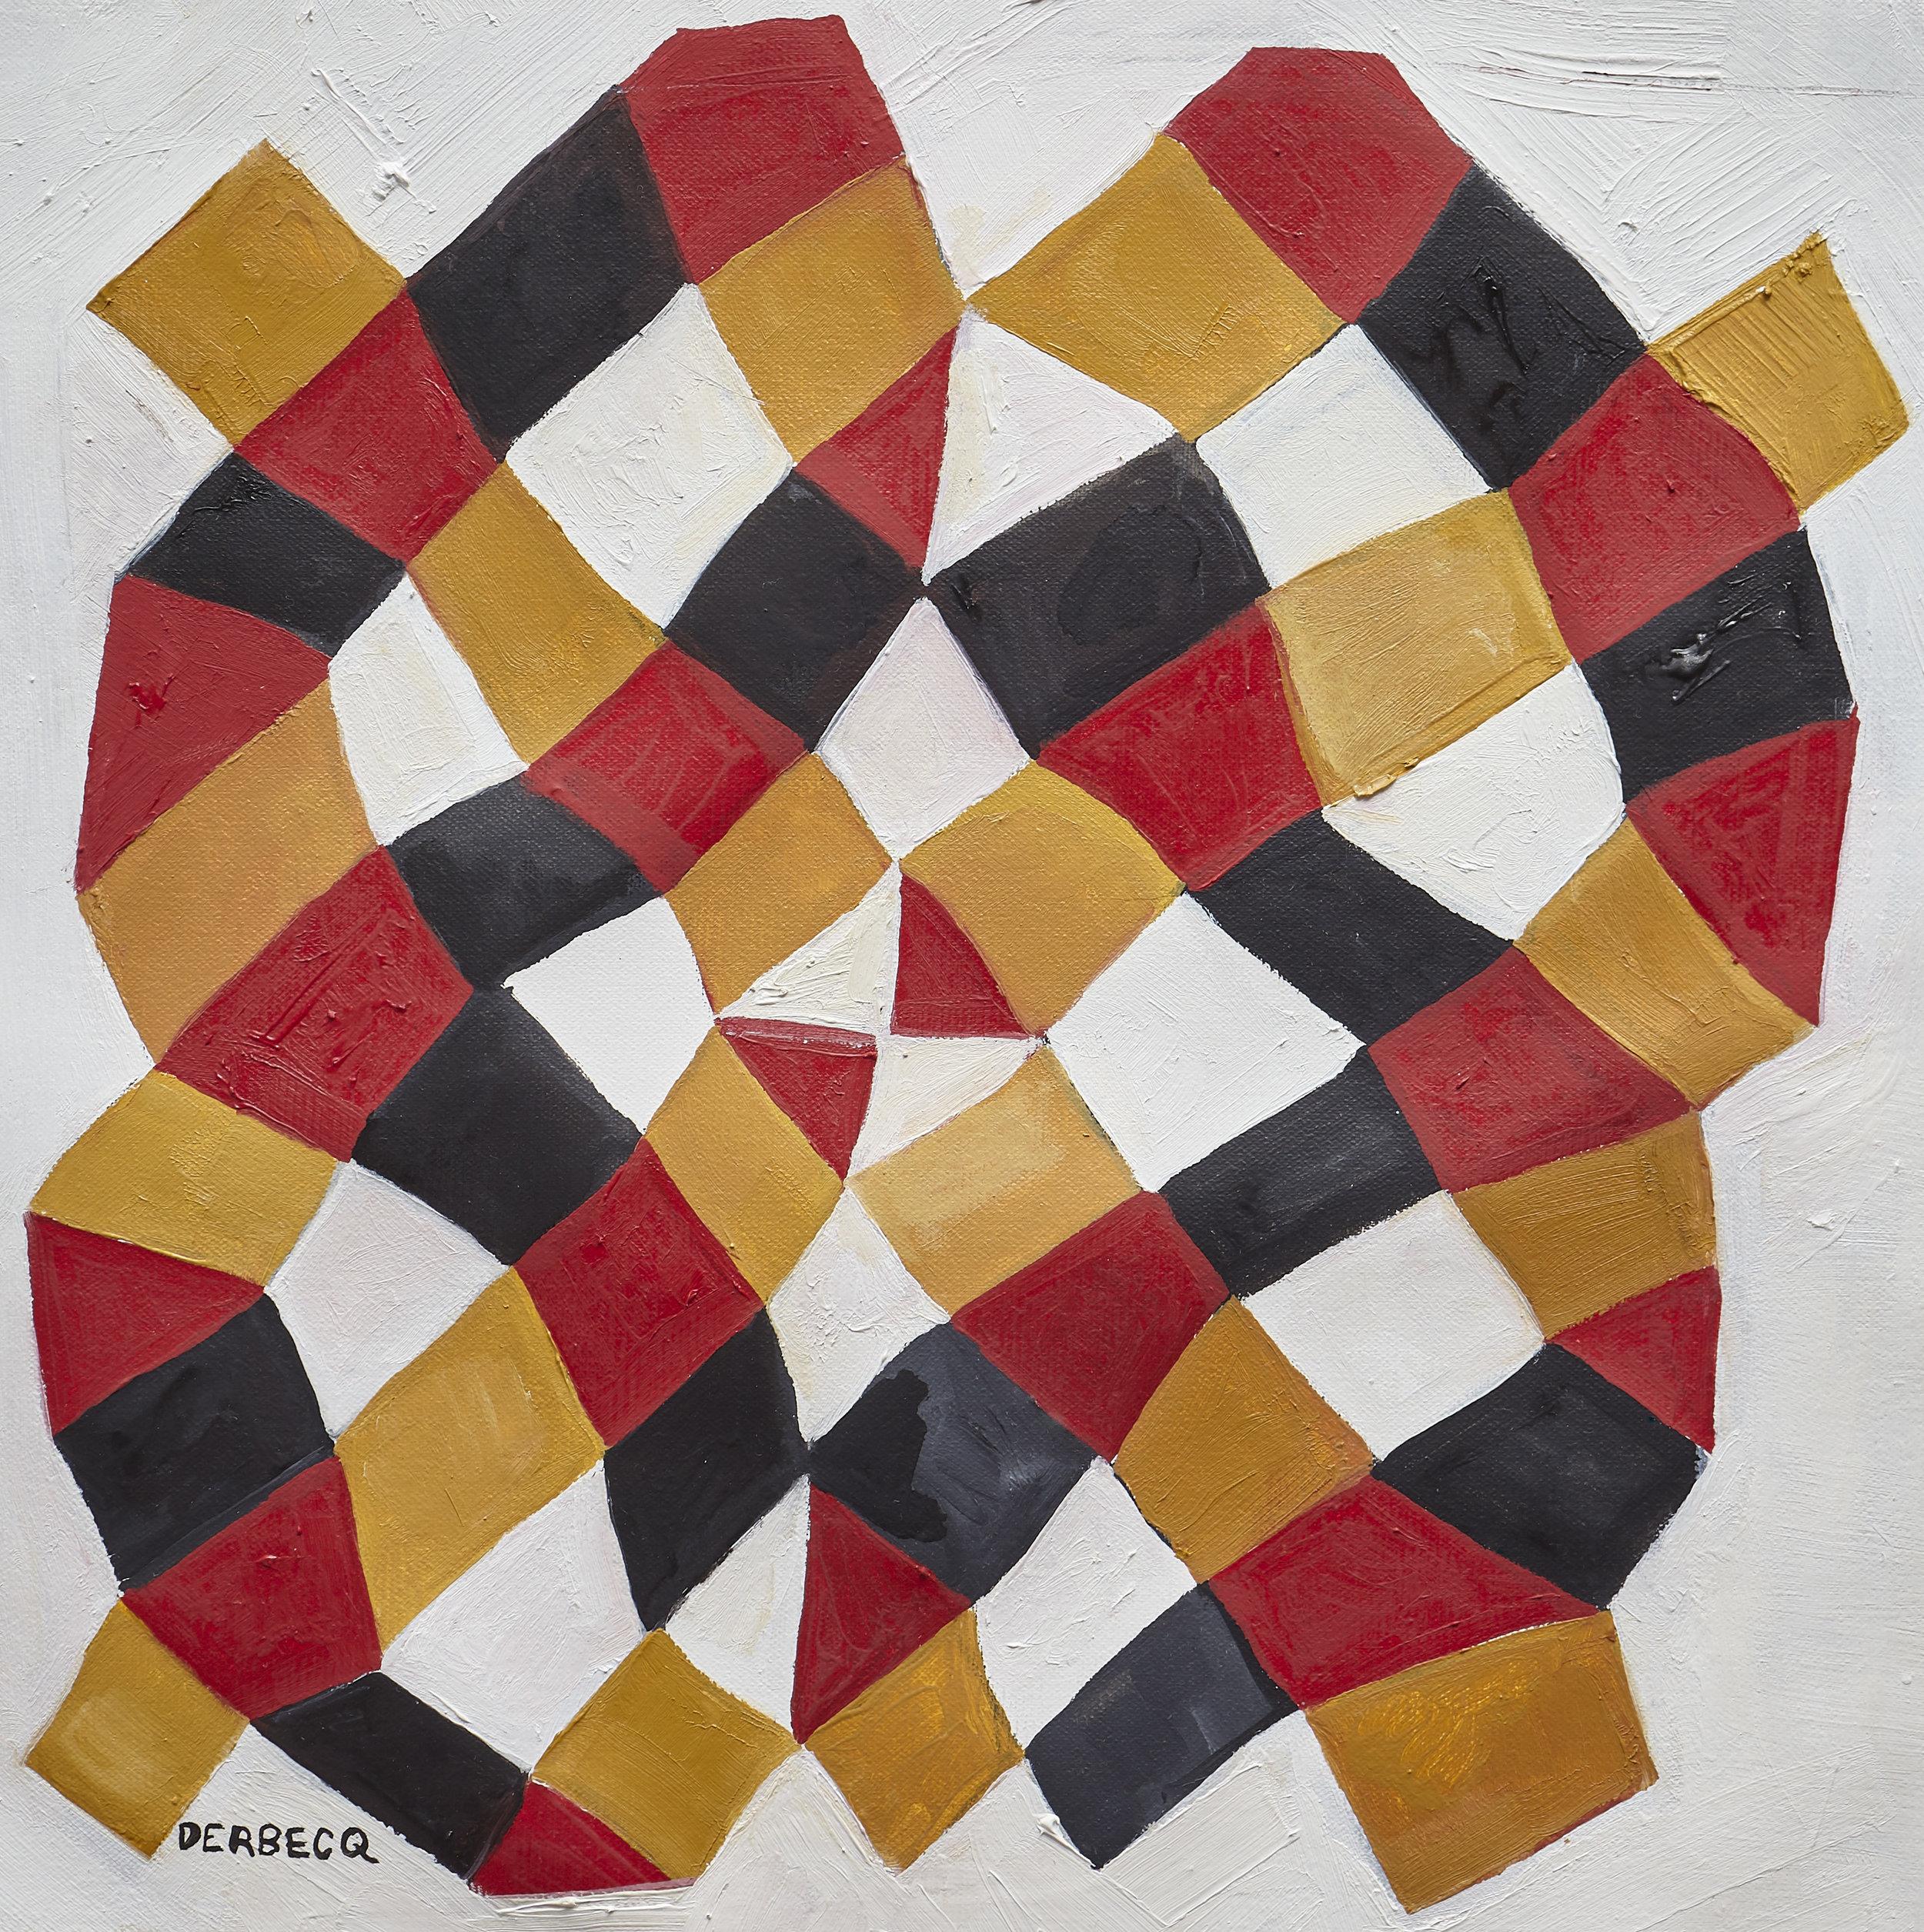 Germaine Debercq, óleo sobre tela, 32 x 31 cm, 2018 .jpg